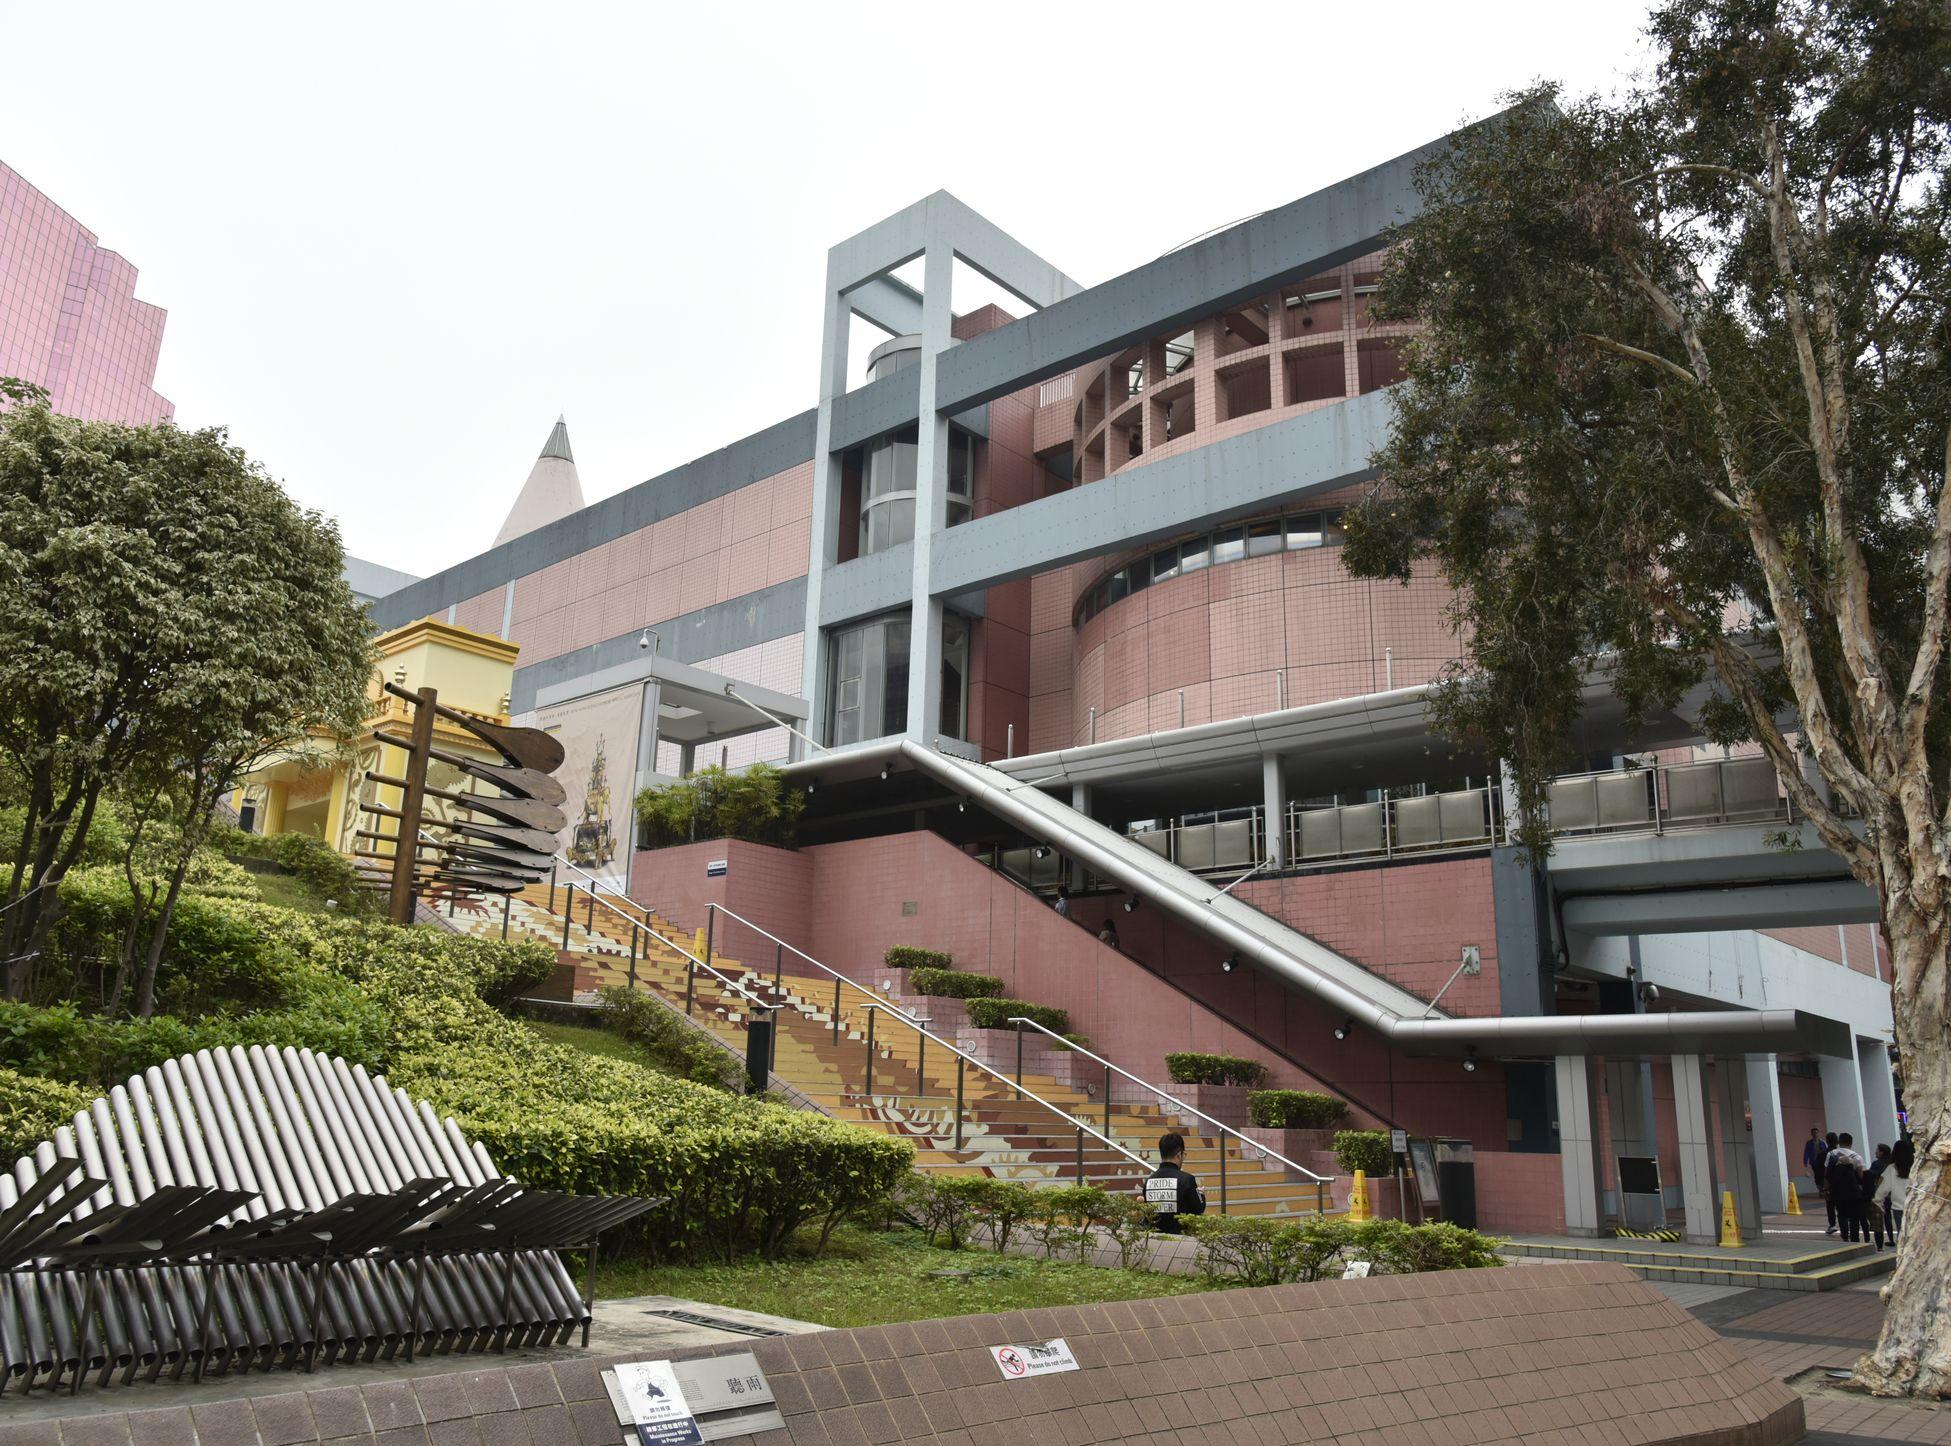 香港科學館、香港歷史博物館和尖沙咀公共圖書館現正關閉。 資料圖片